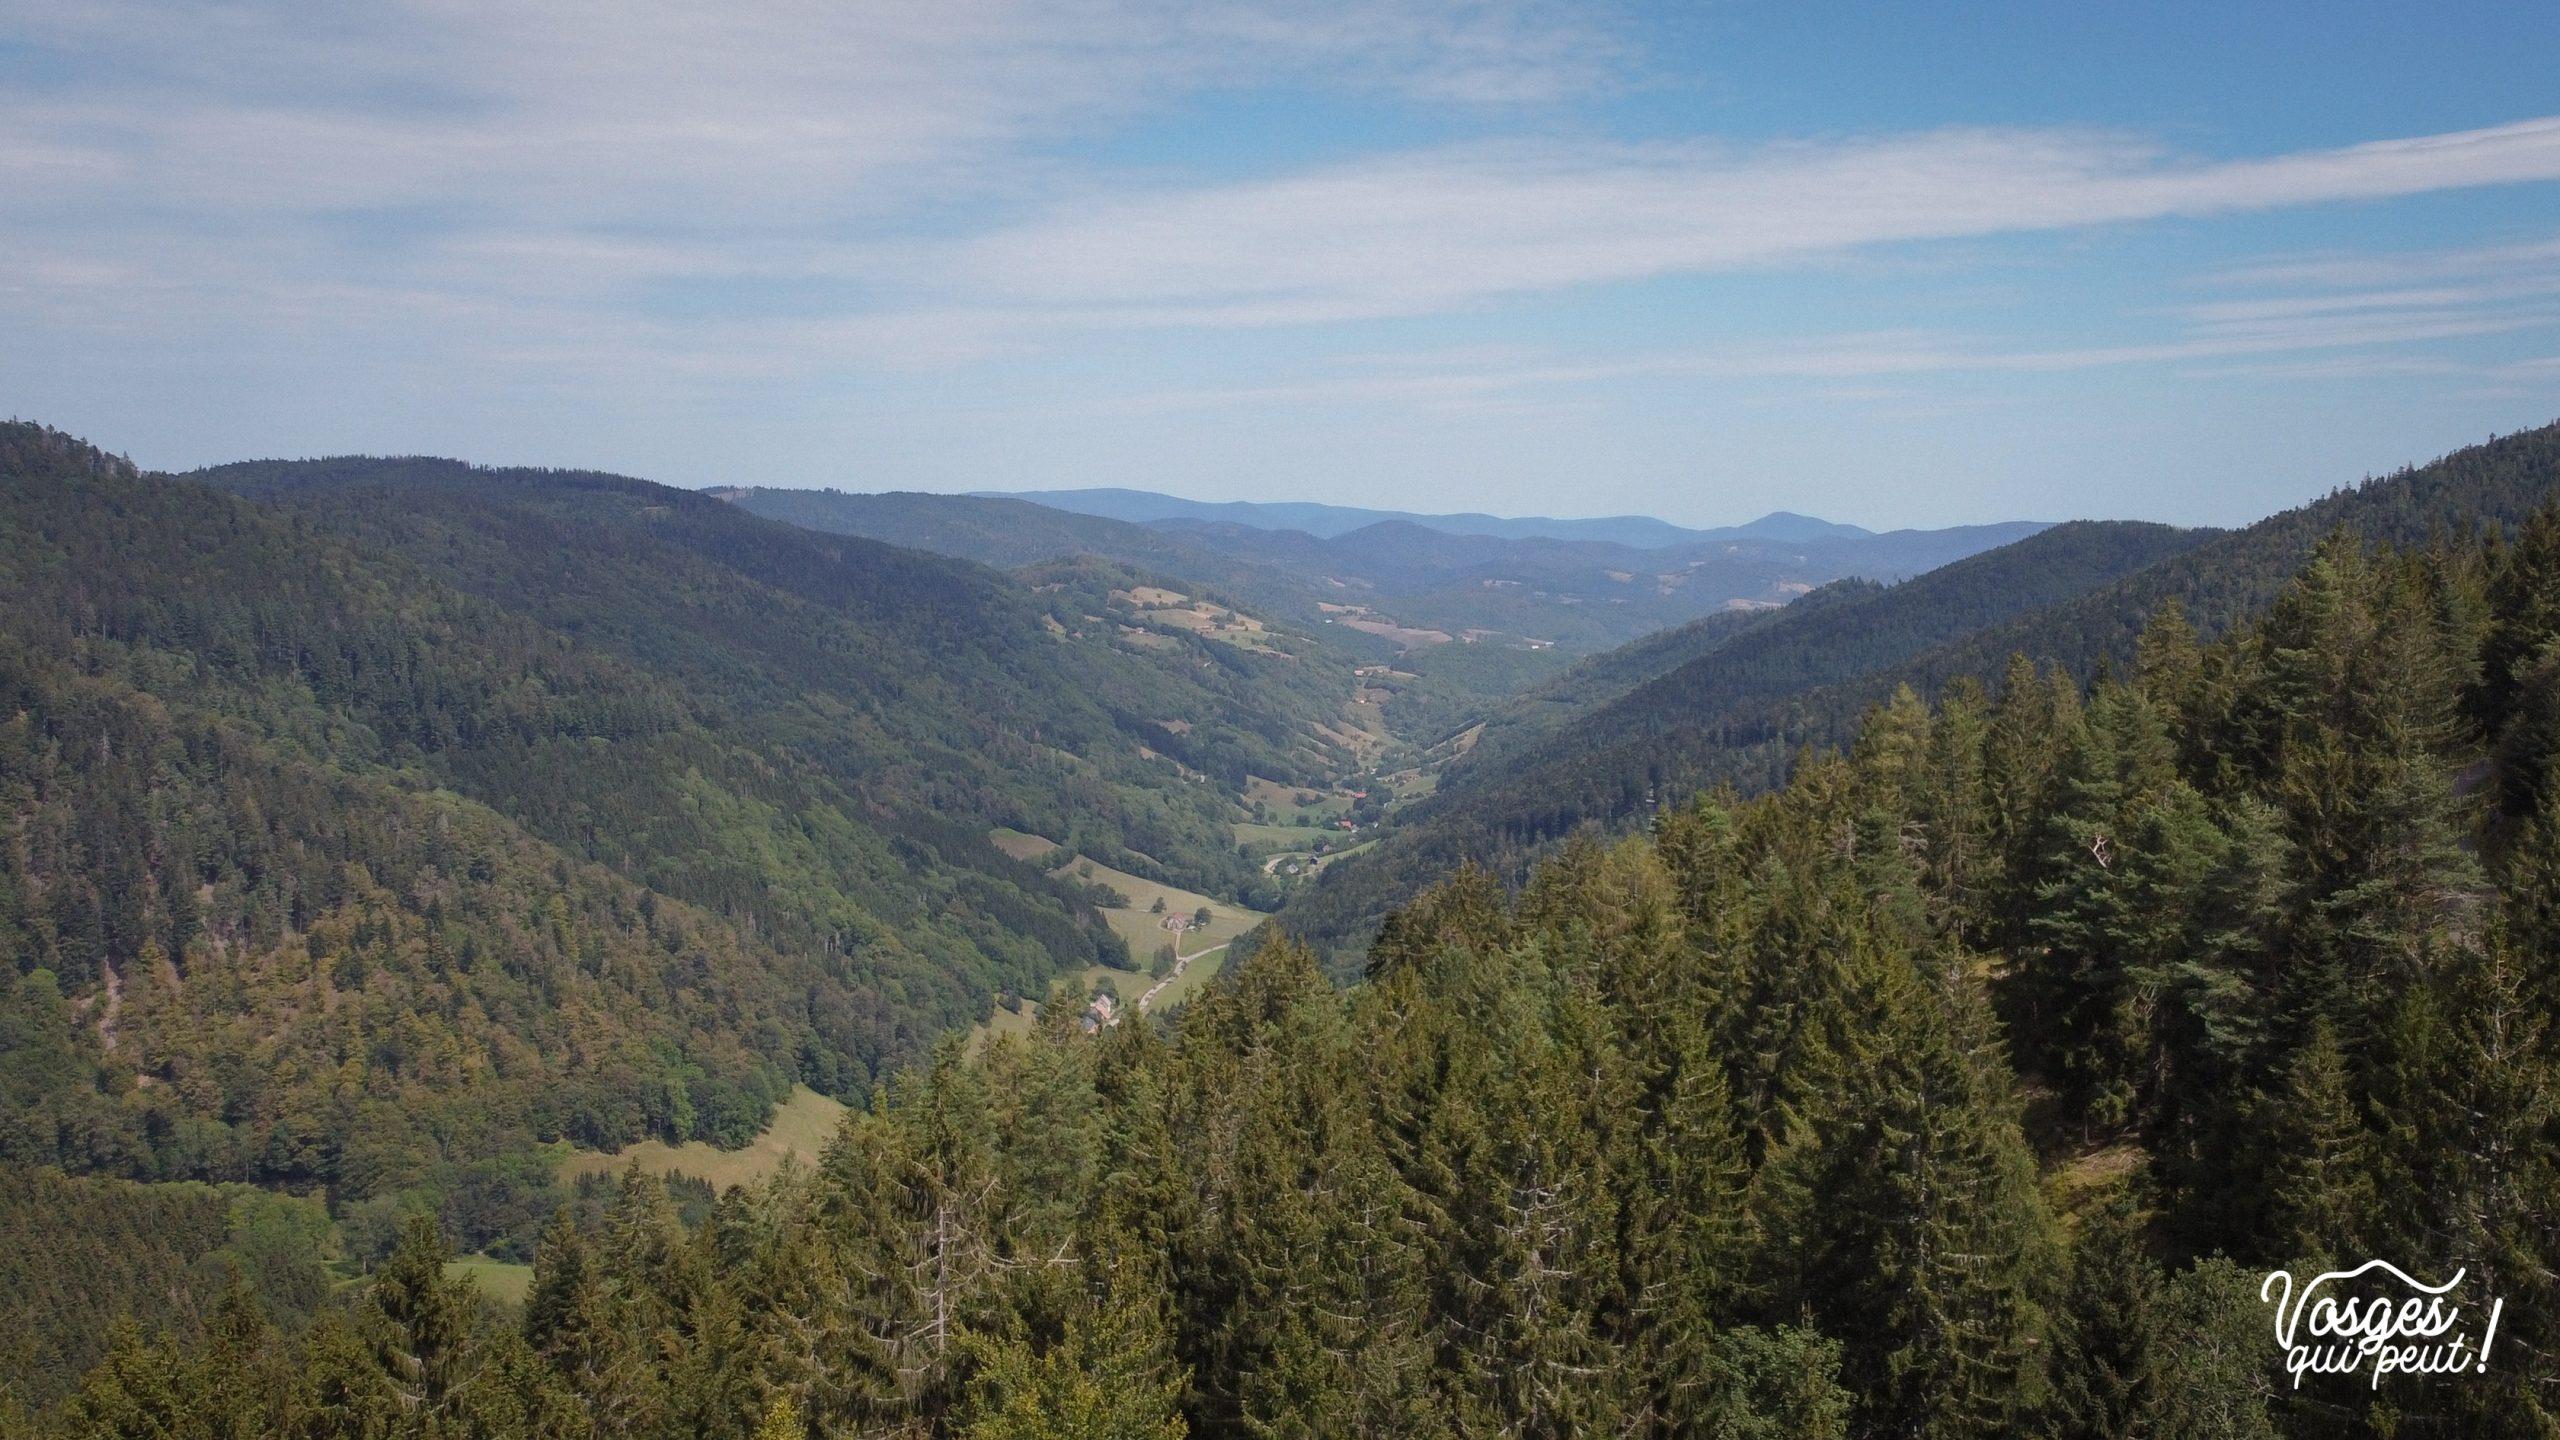 Vue aérienne de la vallée de Sainte-Marie-aux-Mines depuis le col des Bagenelles